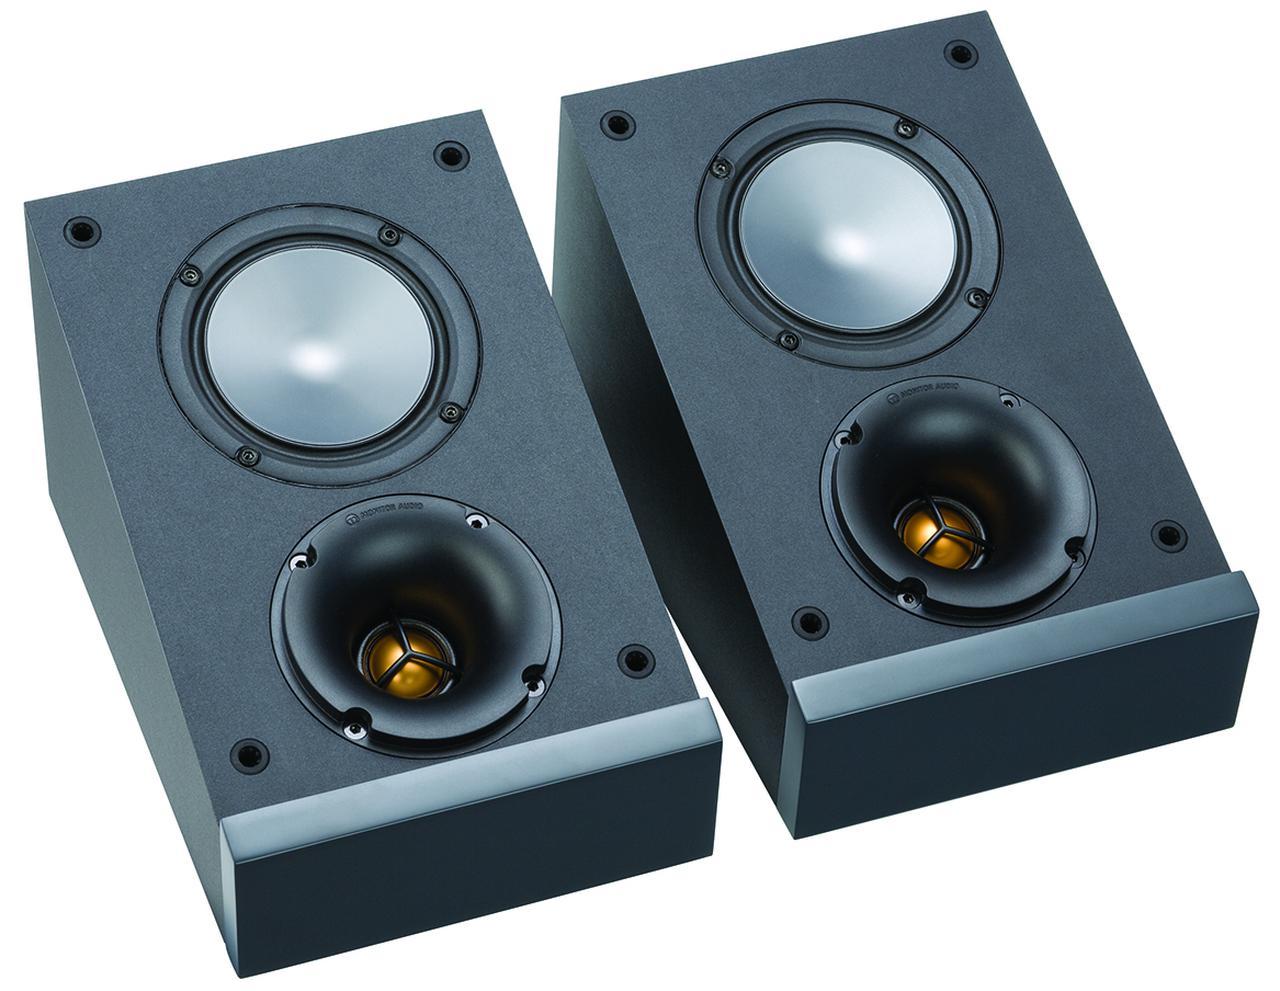 画像: イネーブルドスピーカーのブロンズAMS-6Gは、同200-6Gと50-6Gの上部に設置して使うのにピッタリなサイズ